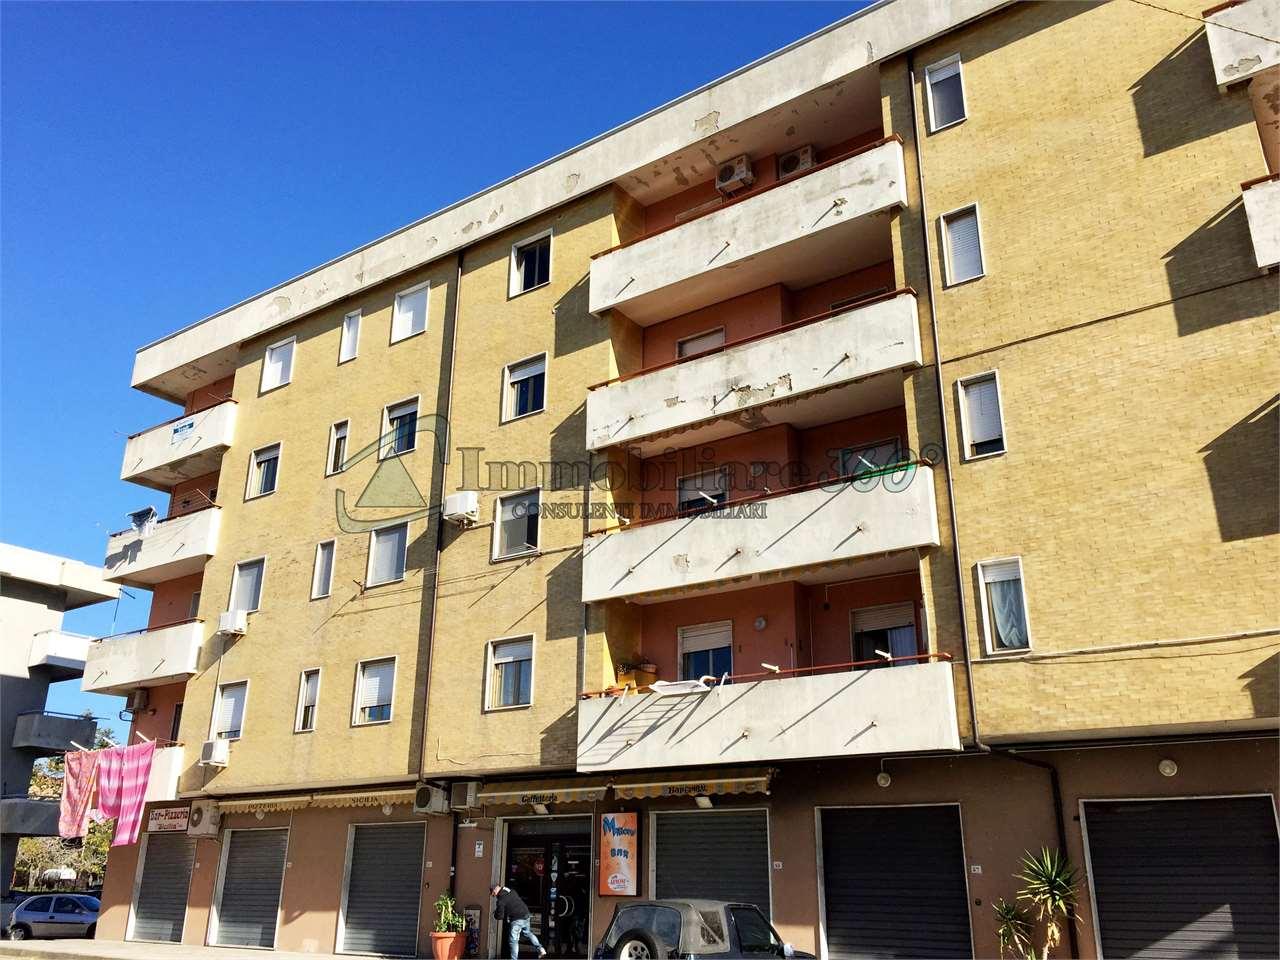 Appartamento in vendita a Carolei, 3 locali, prezzo € 59.000 | CambioCasa.it